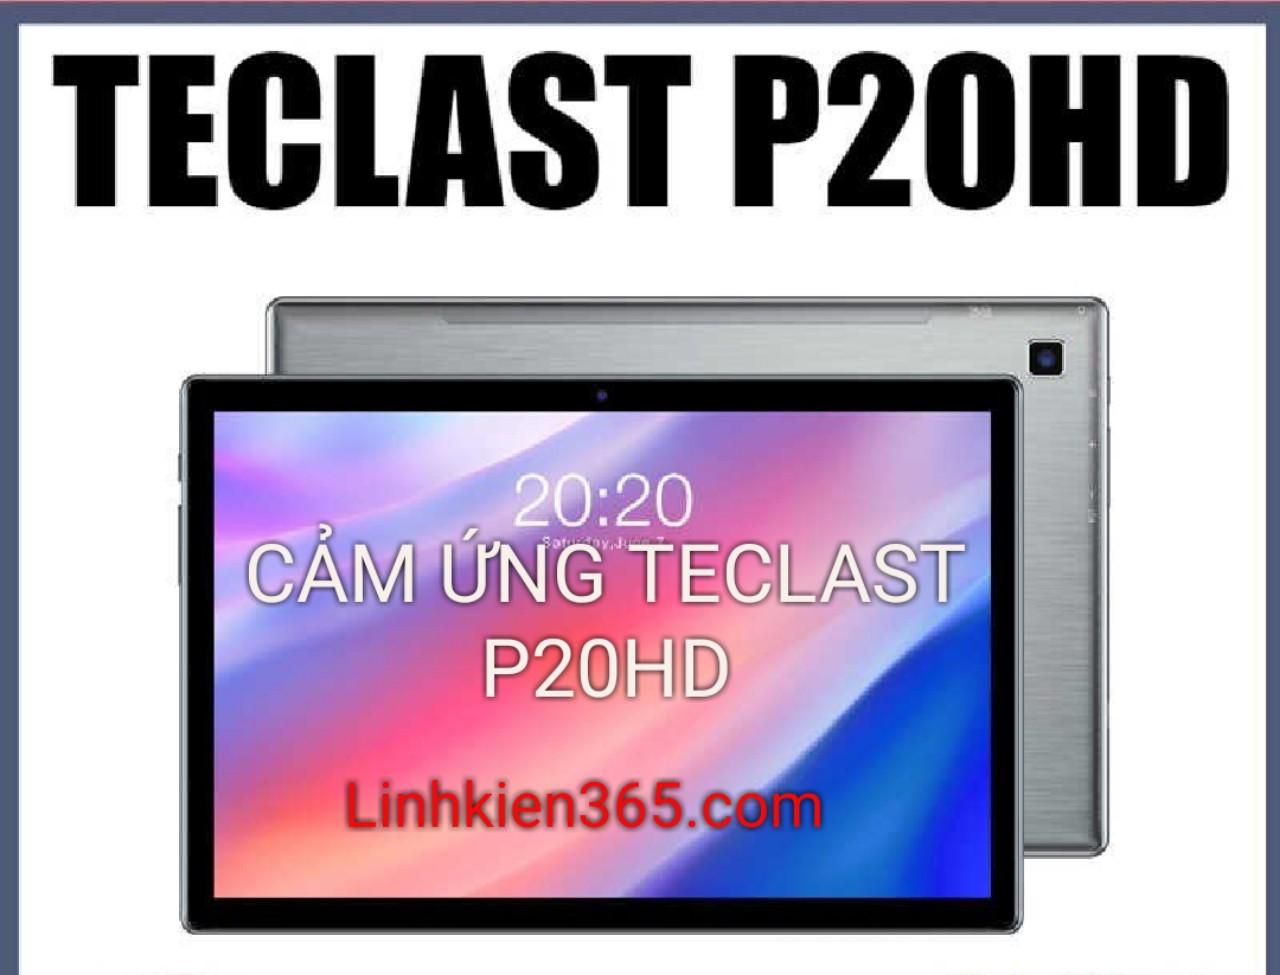 CẢM ỨNG TECLAST P20HD